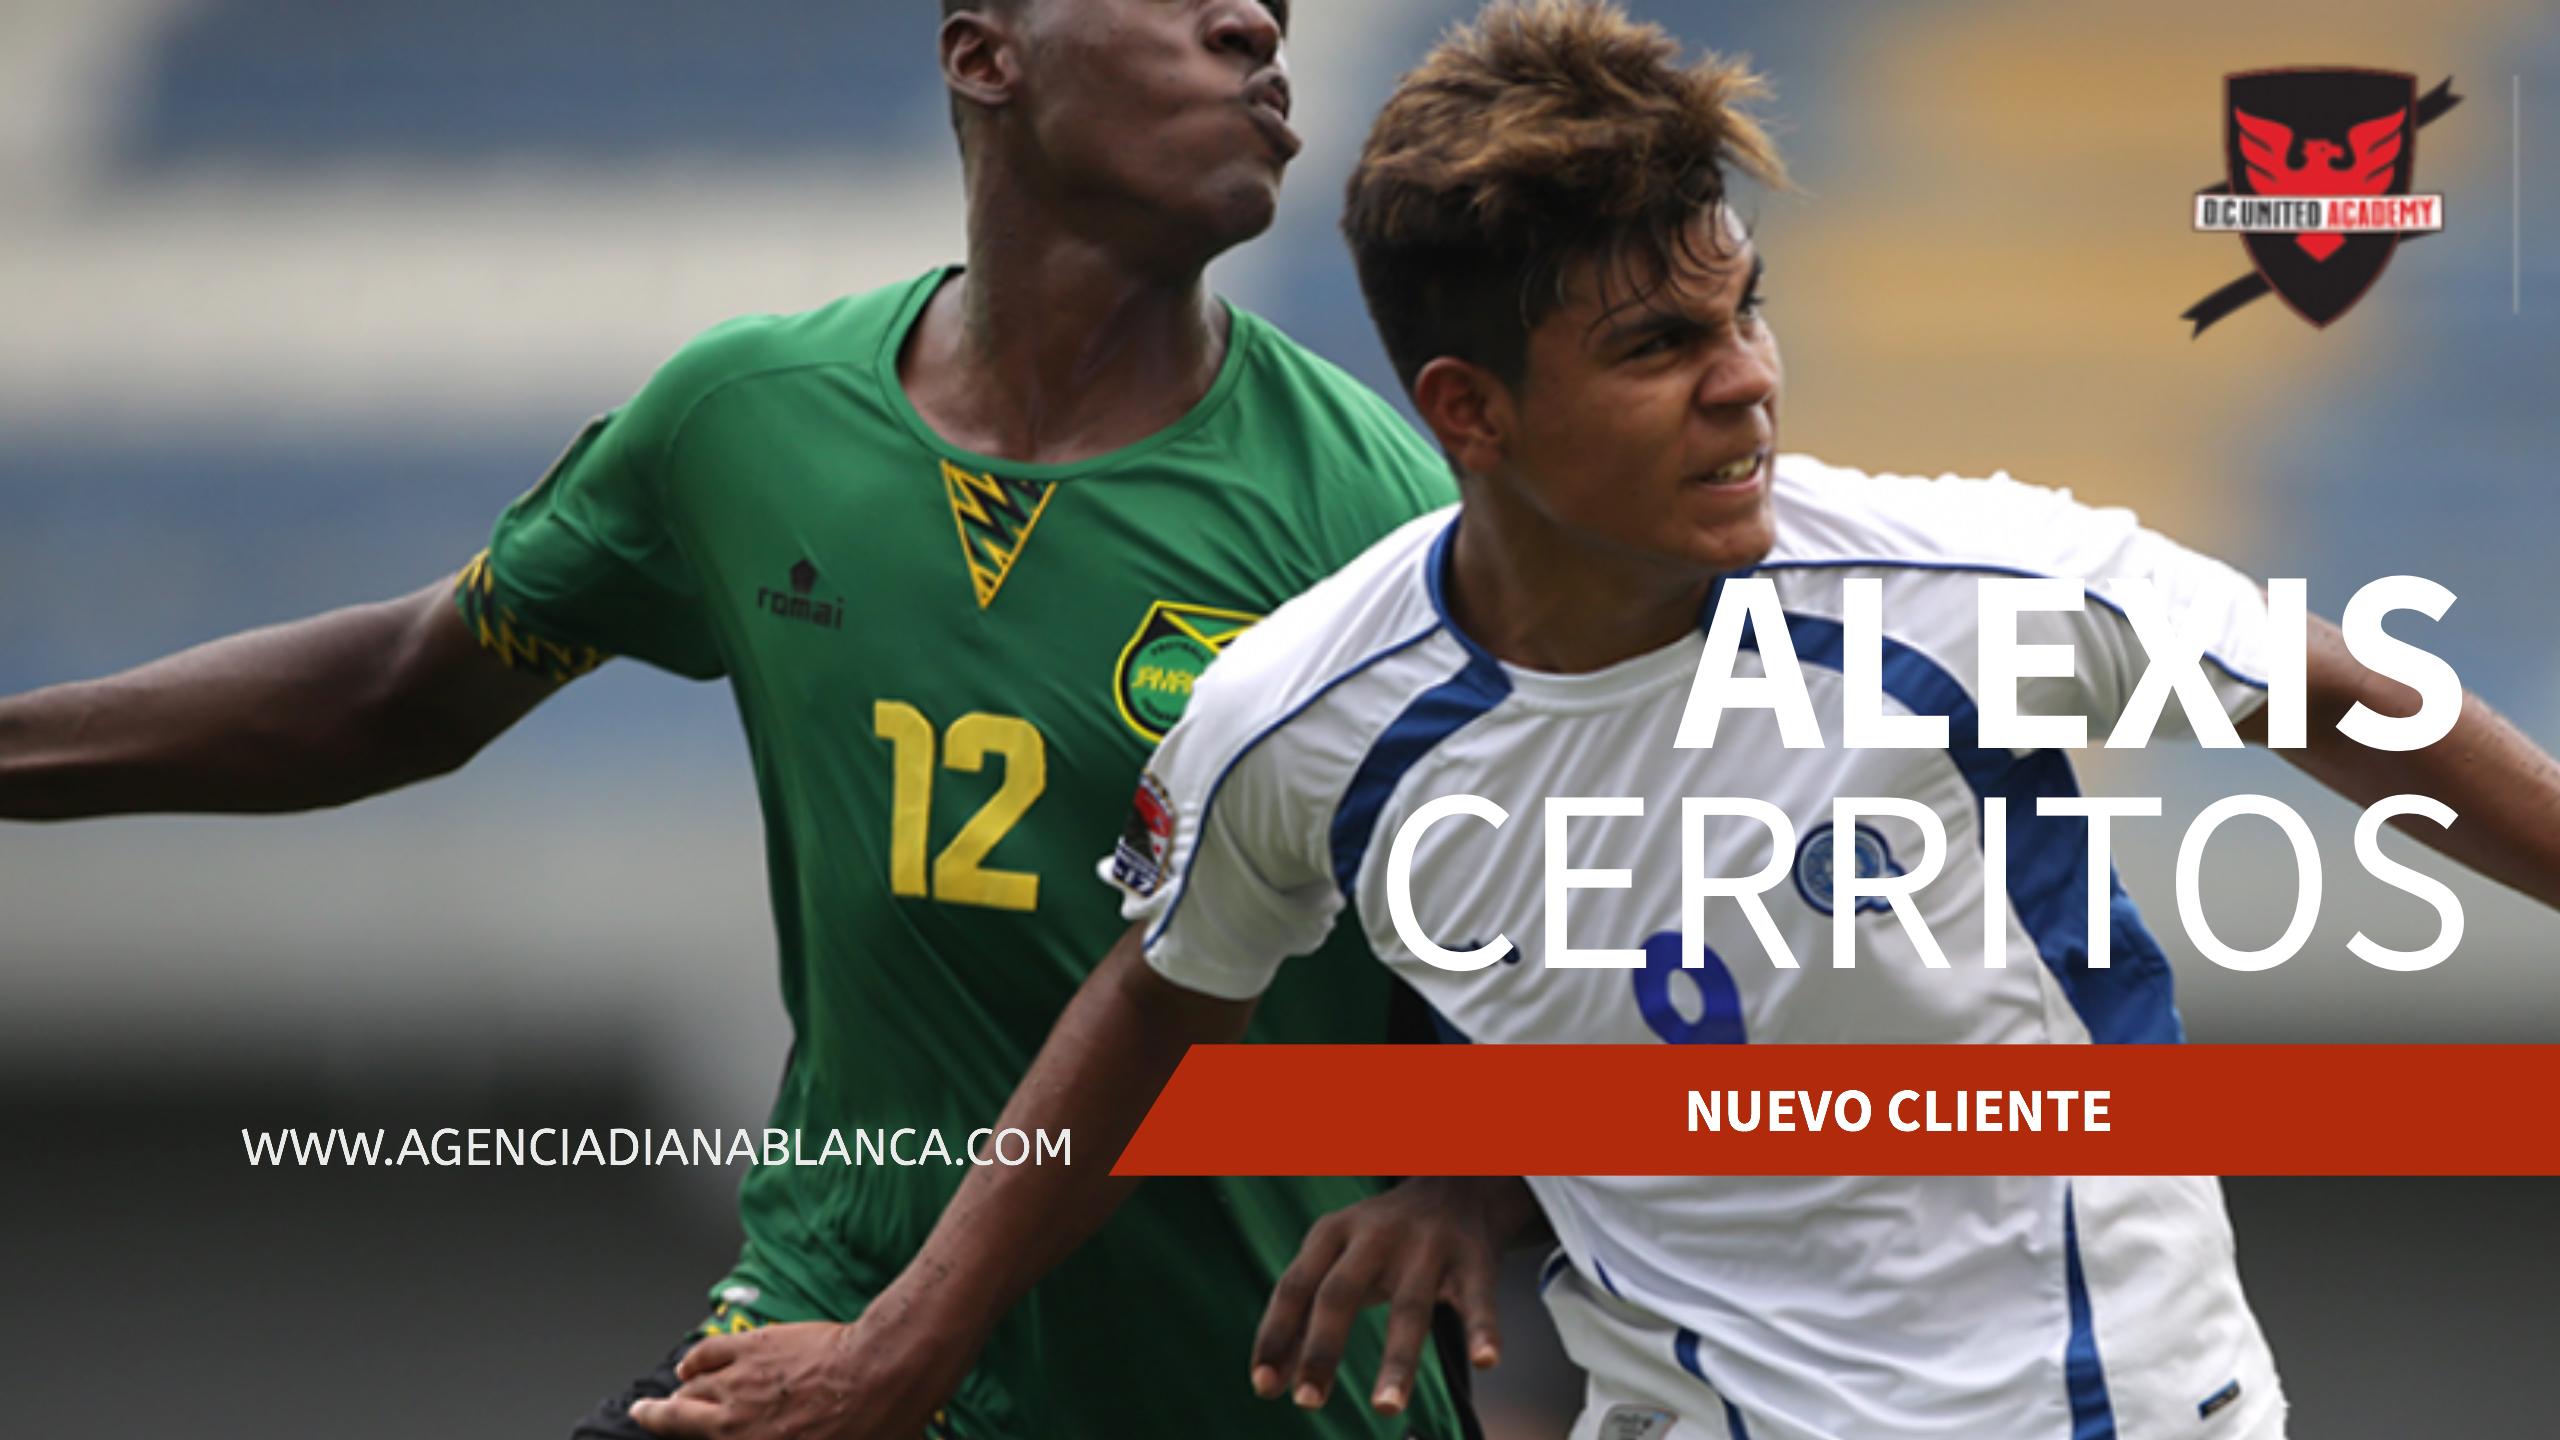 AlexisC